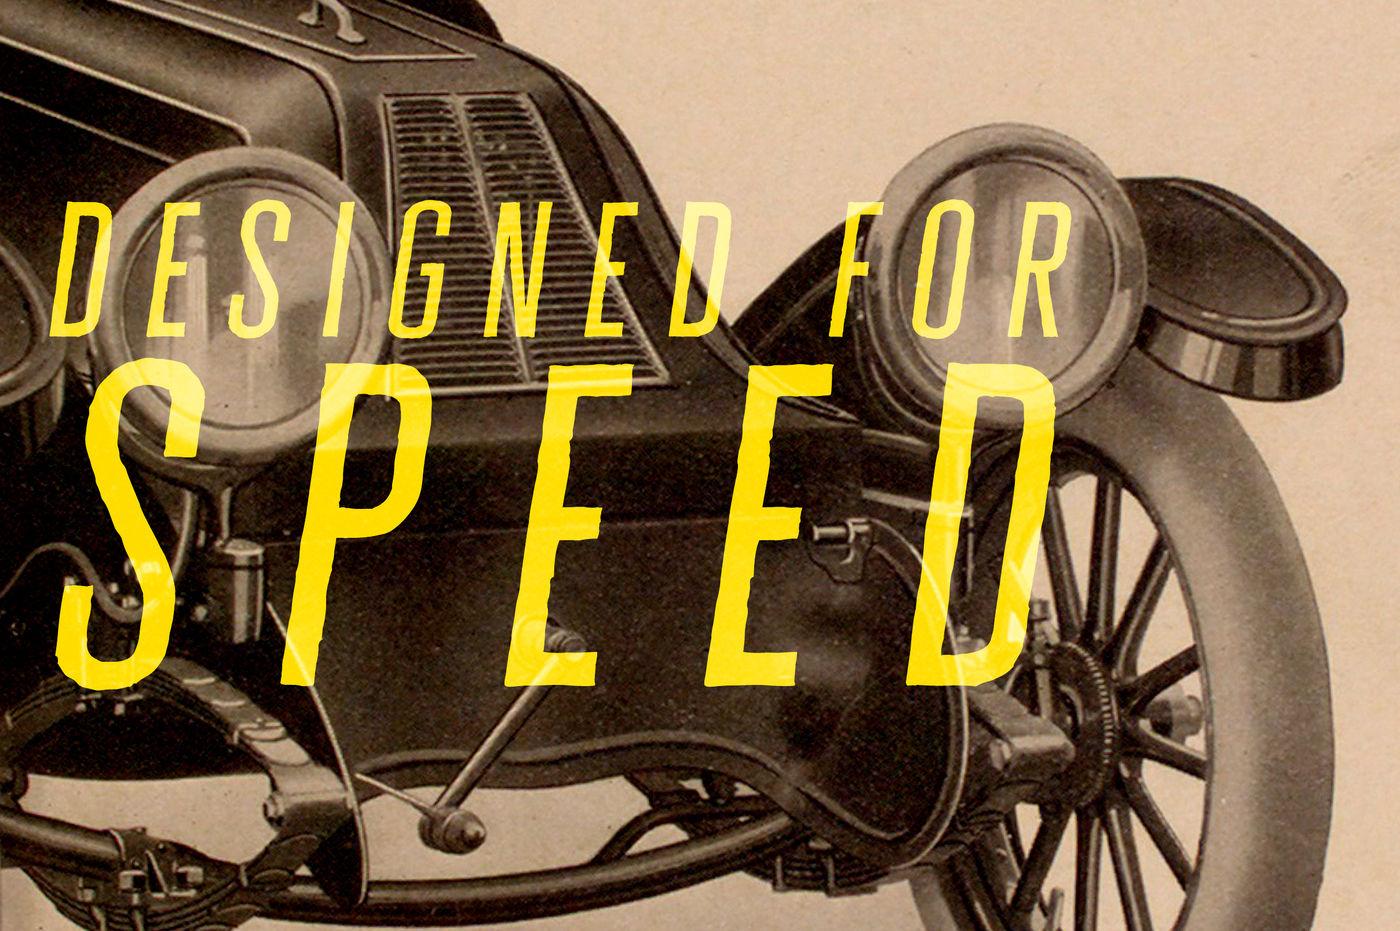 Cheddar Gothic Sans Two Fonts By Adam Ladd   TheHungryJPEG com